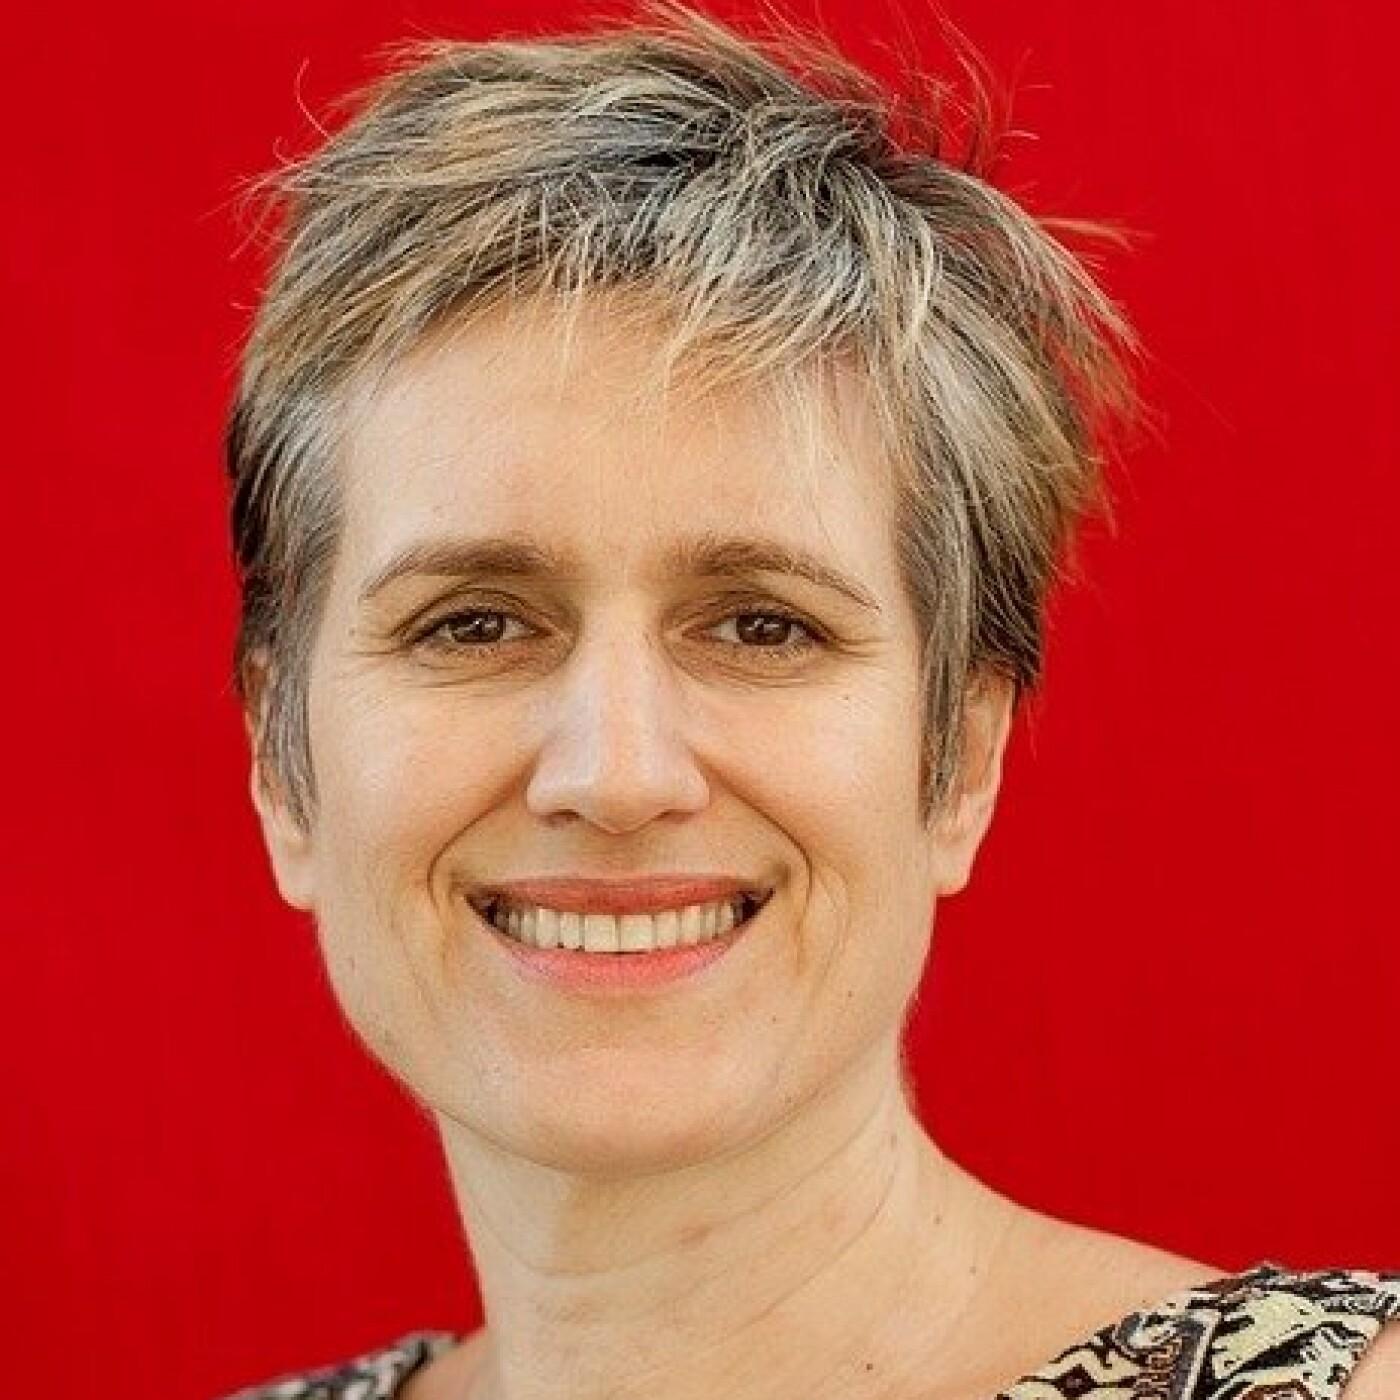 Marie-Florence est coach pour managers dans des contextes multiculturels - 20 09 2021 - StereoChic Radio